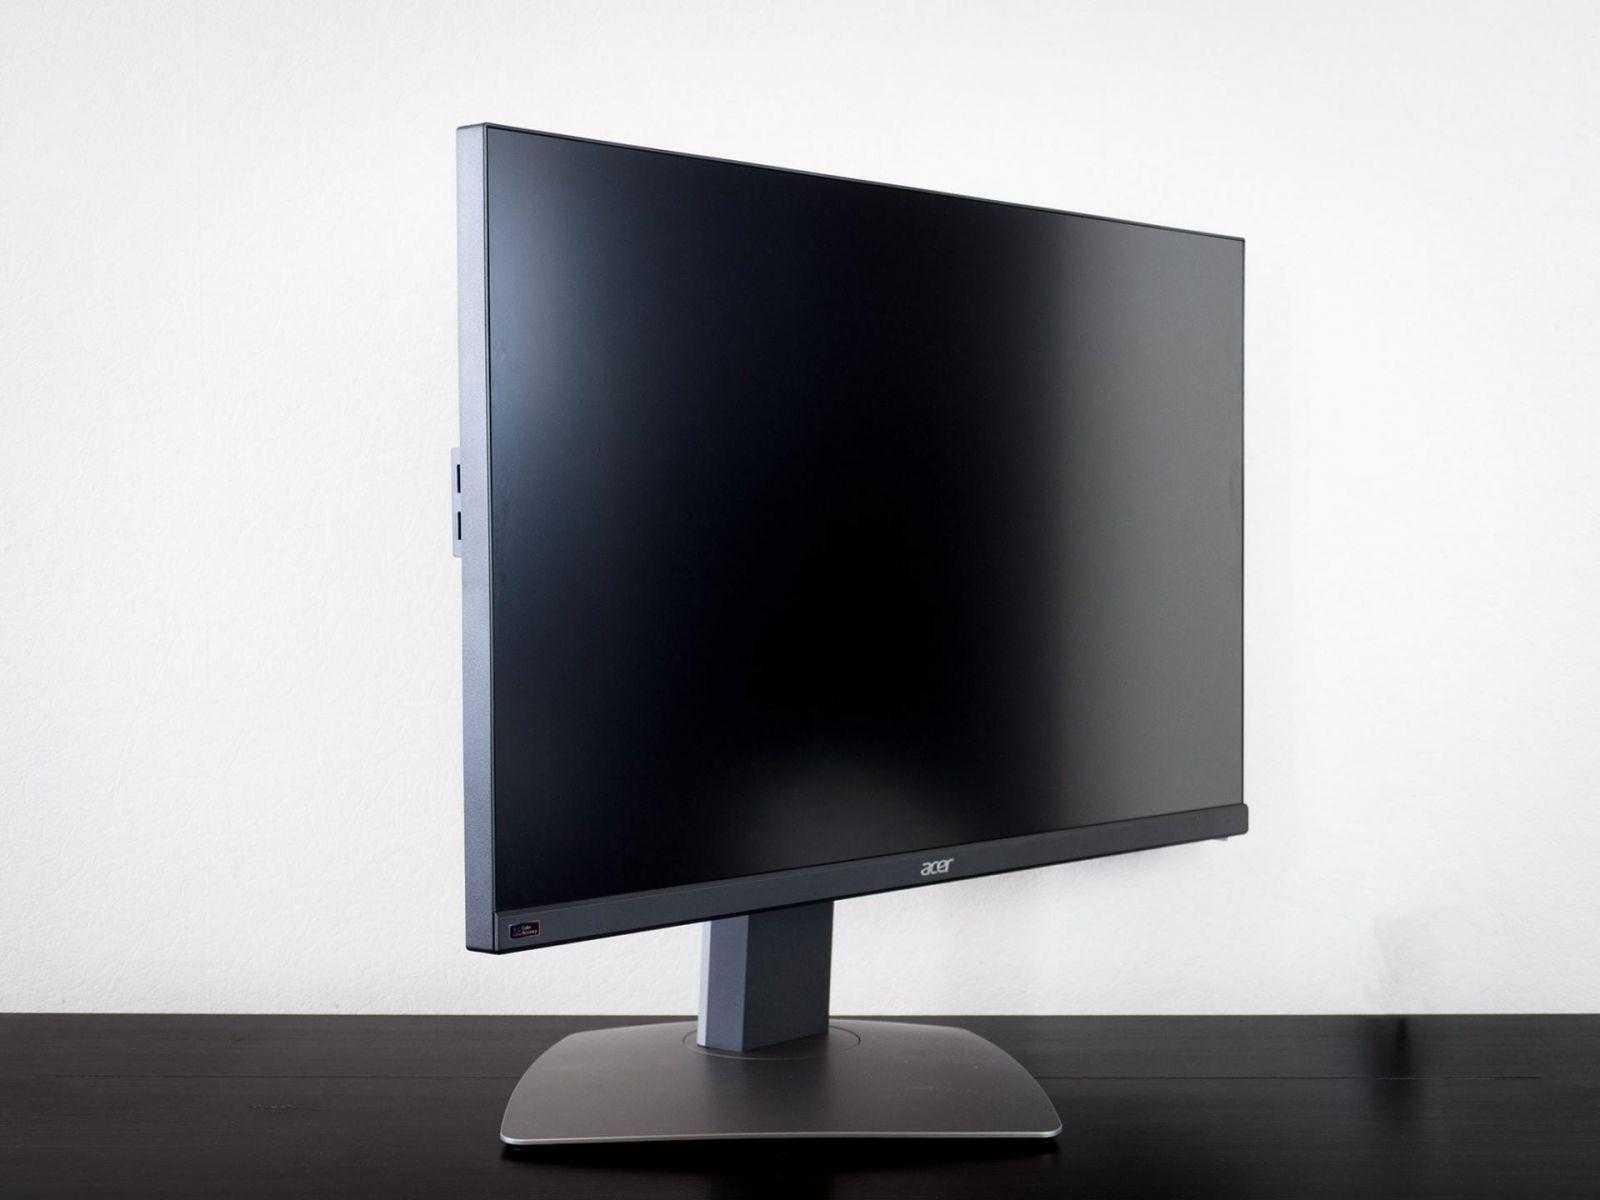 Обзор монитора Acer ProDesigner BM320 (acer 320YaM05)